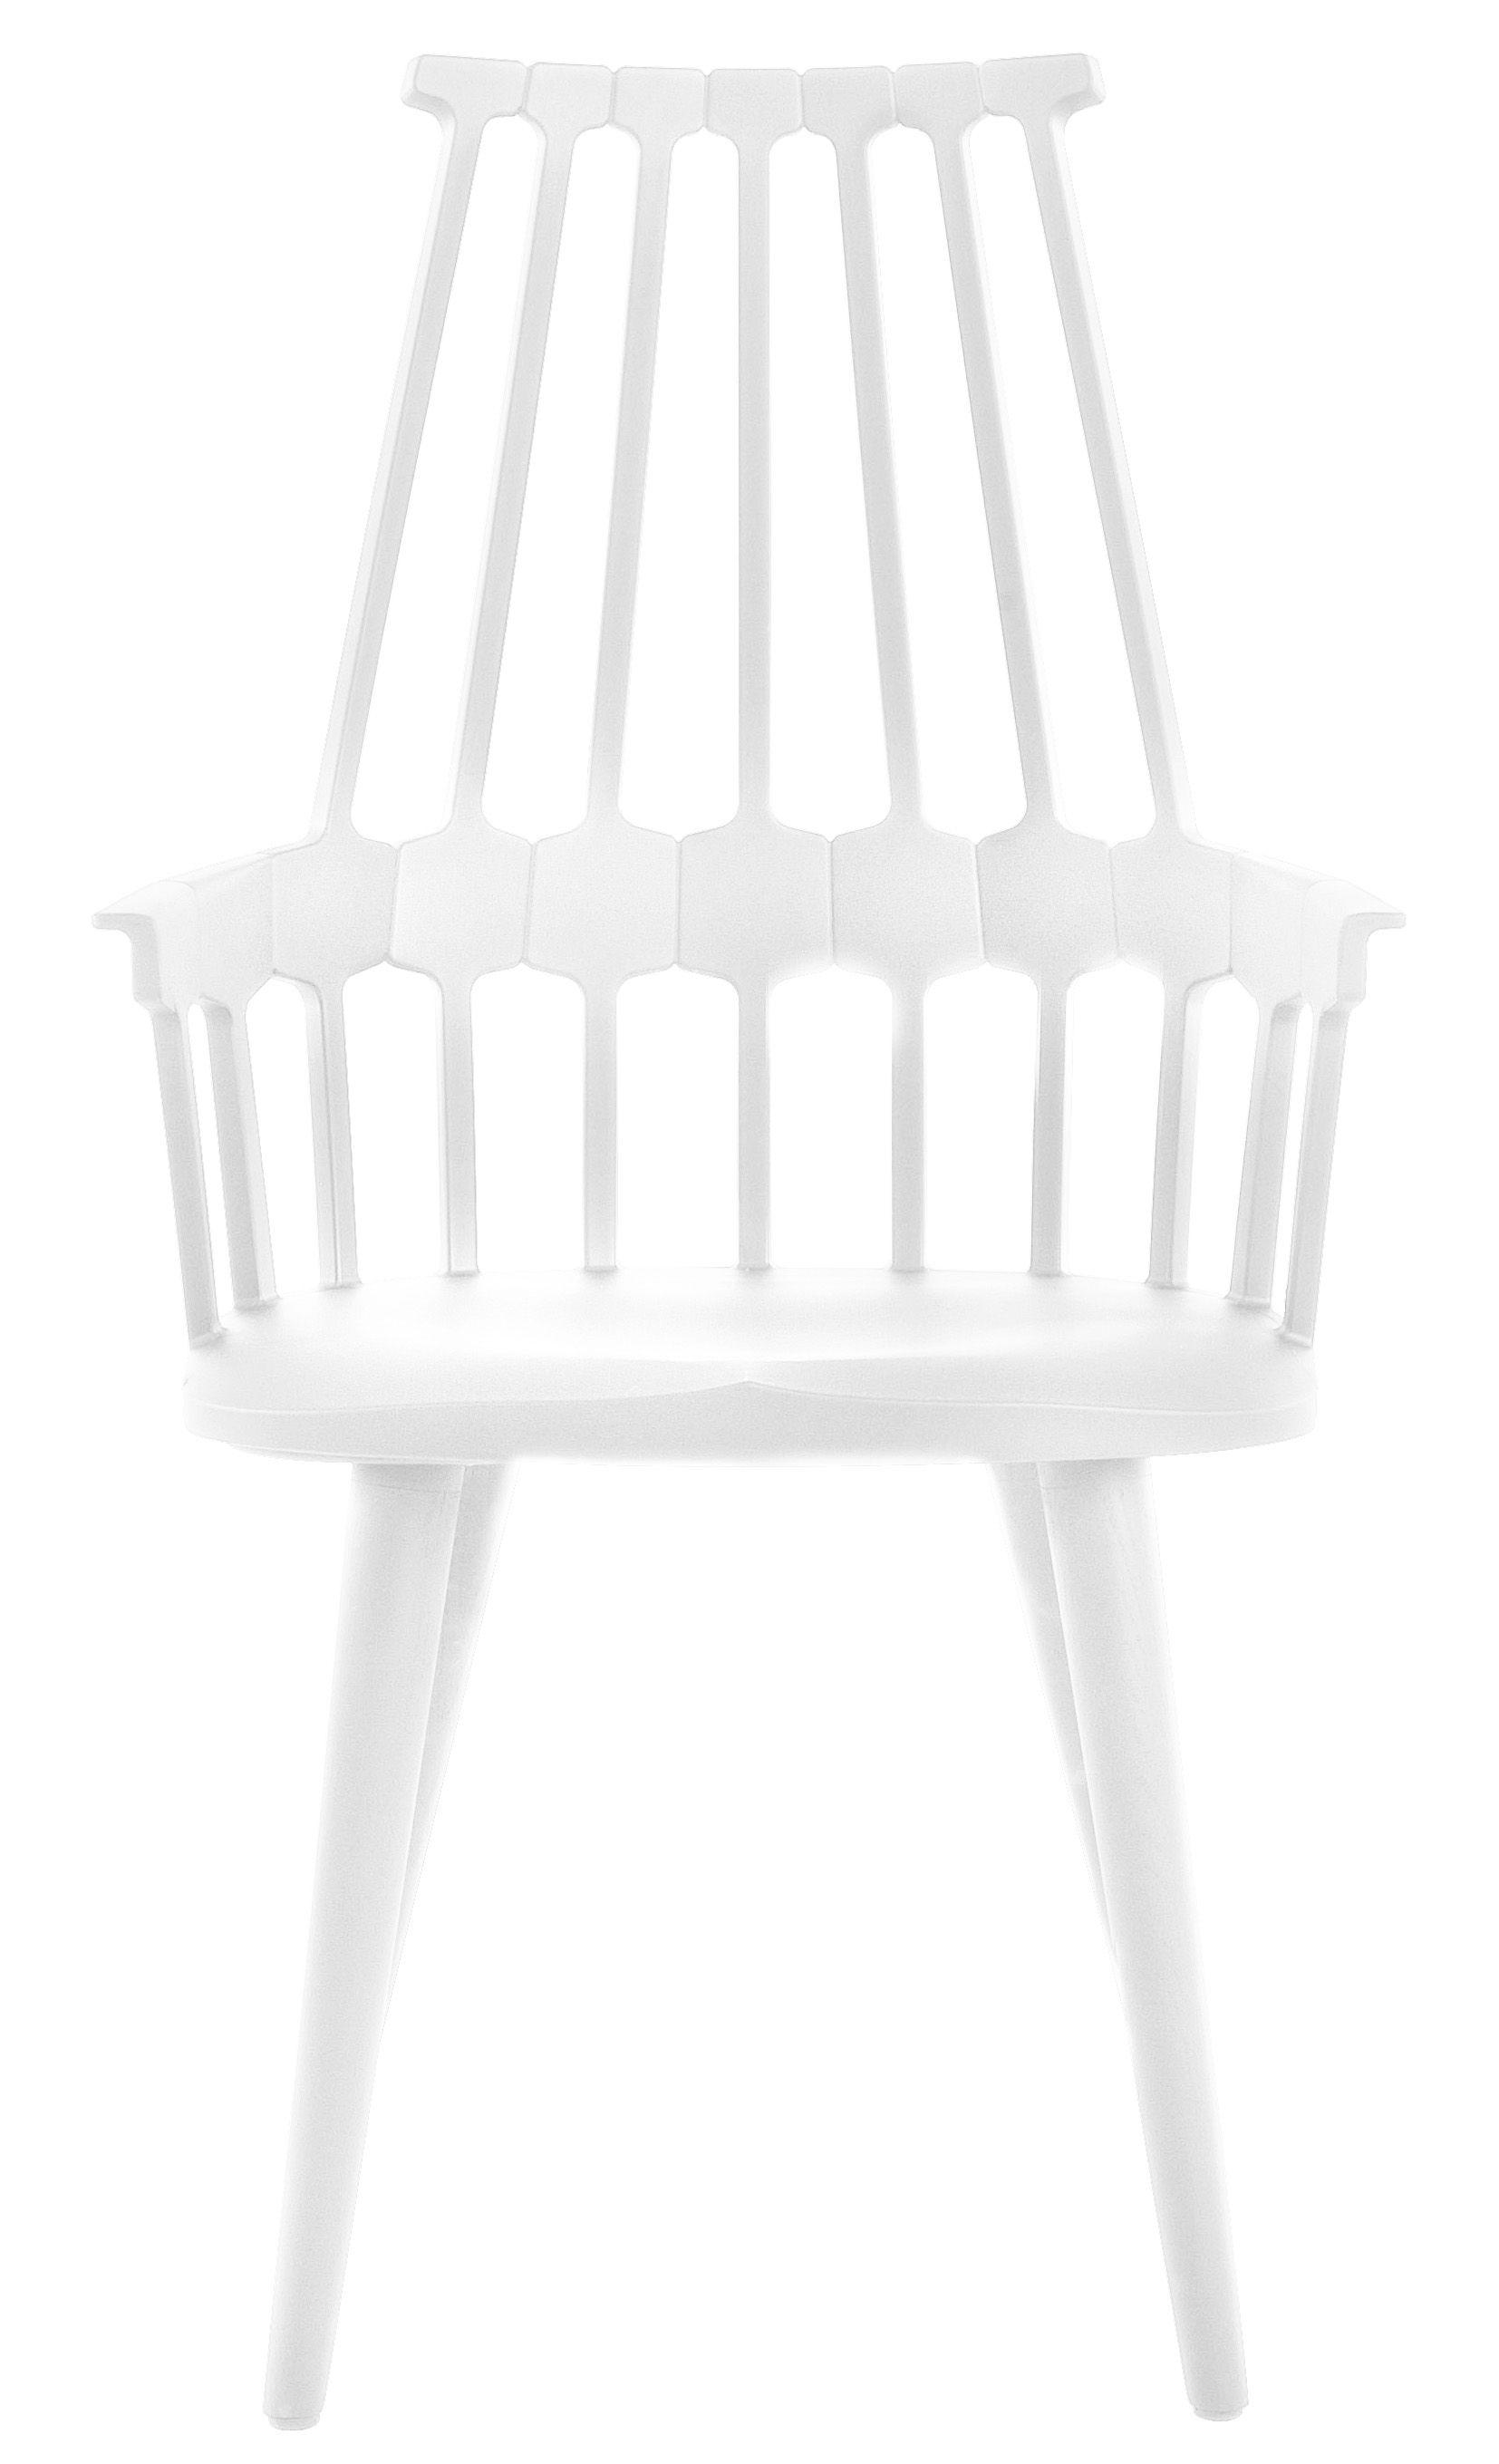 Möbel - Comback Sessel /mit 4 Holzfüßen - Kartell - Weiß / Füße weiß - Esche, Polykarbonat